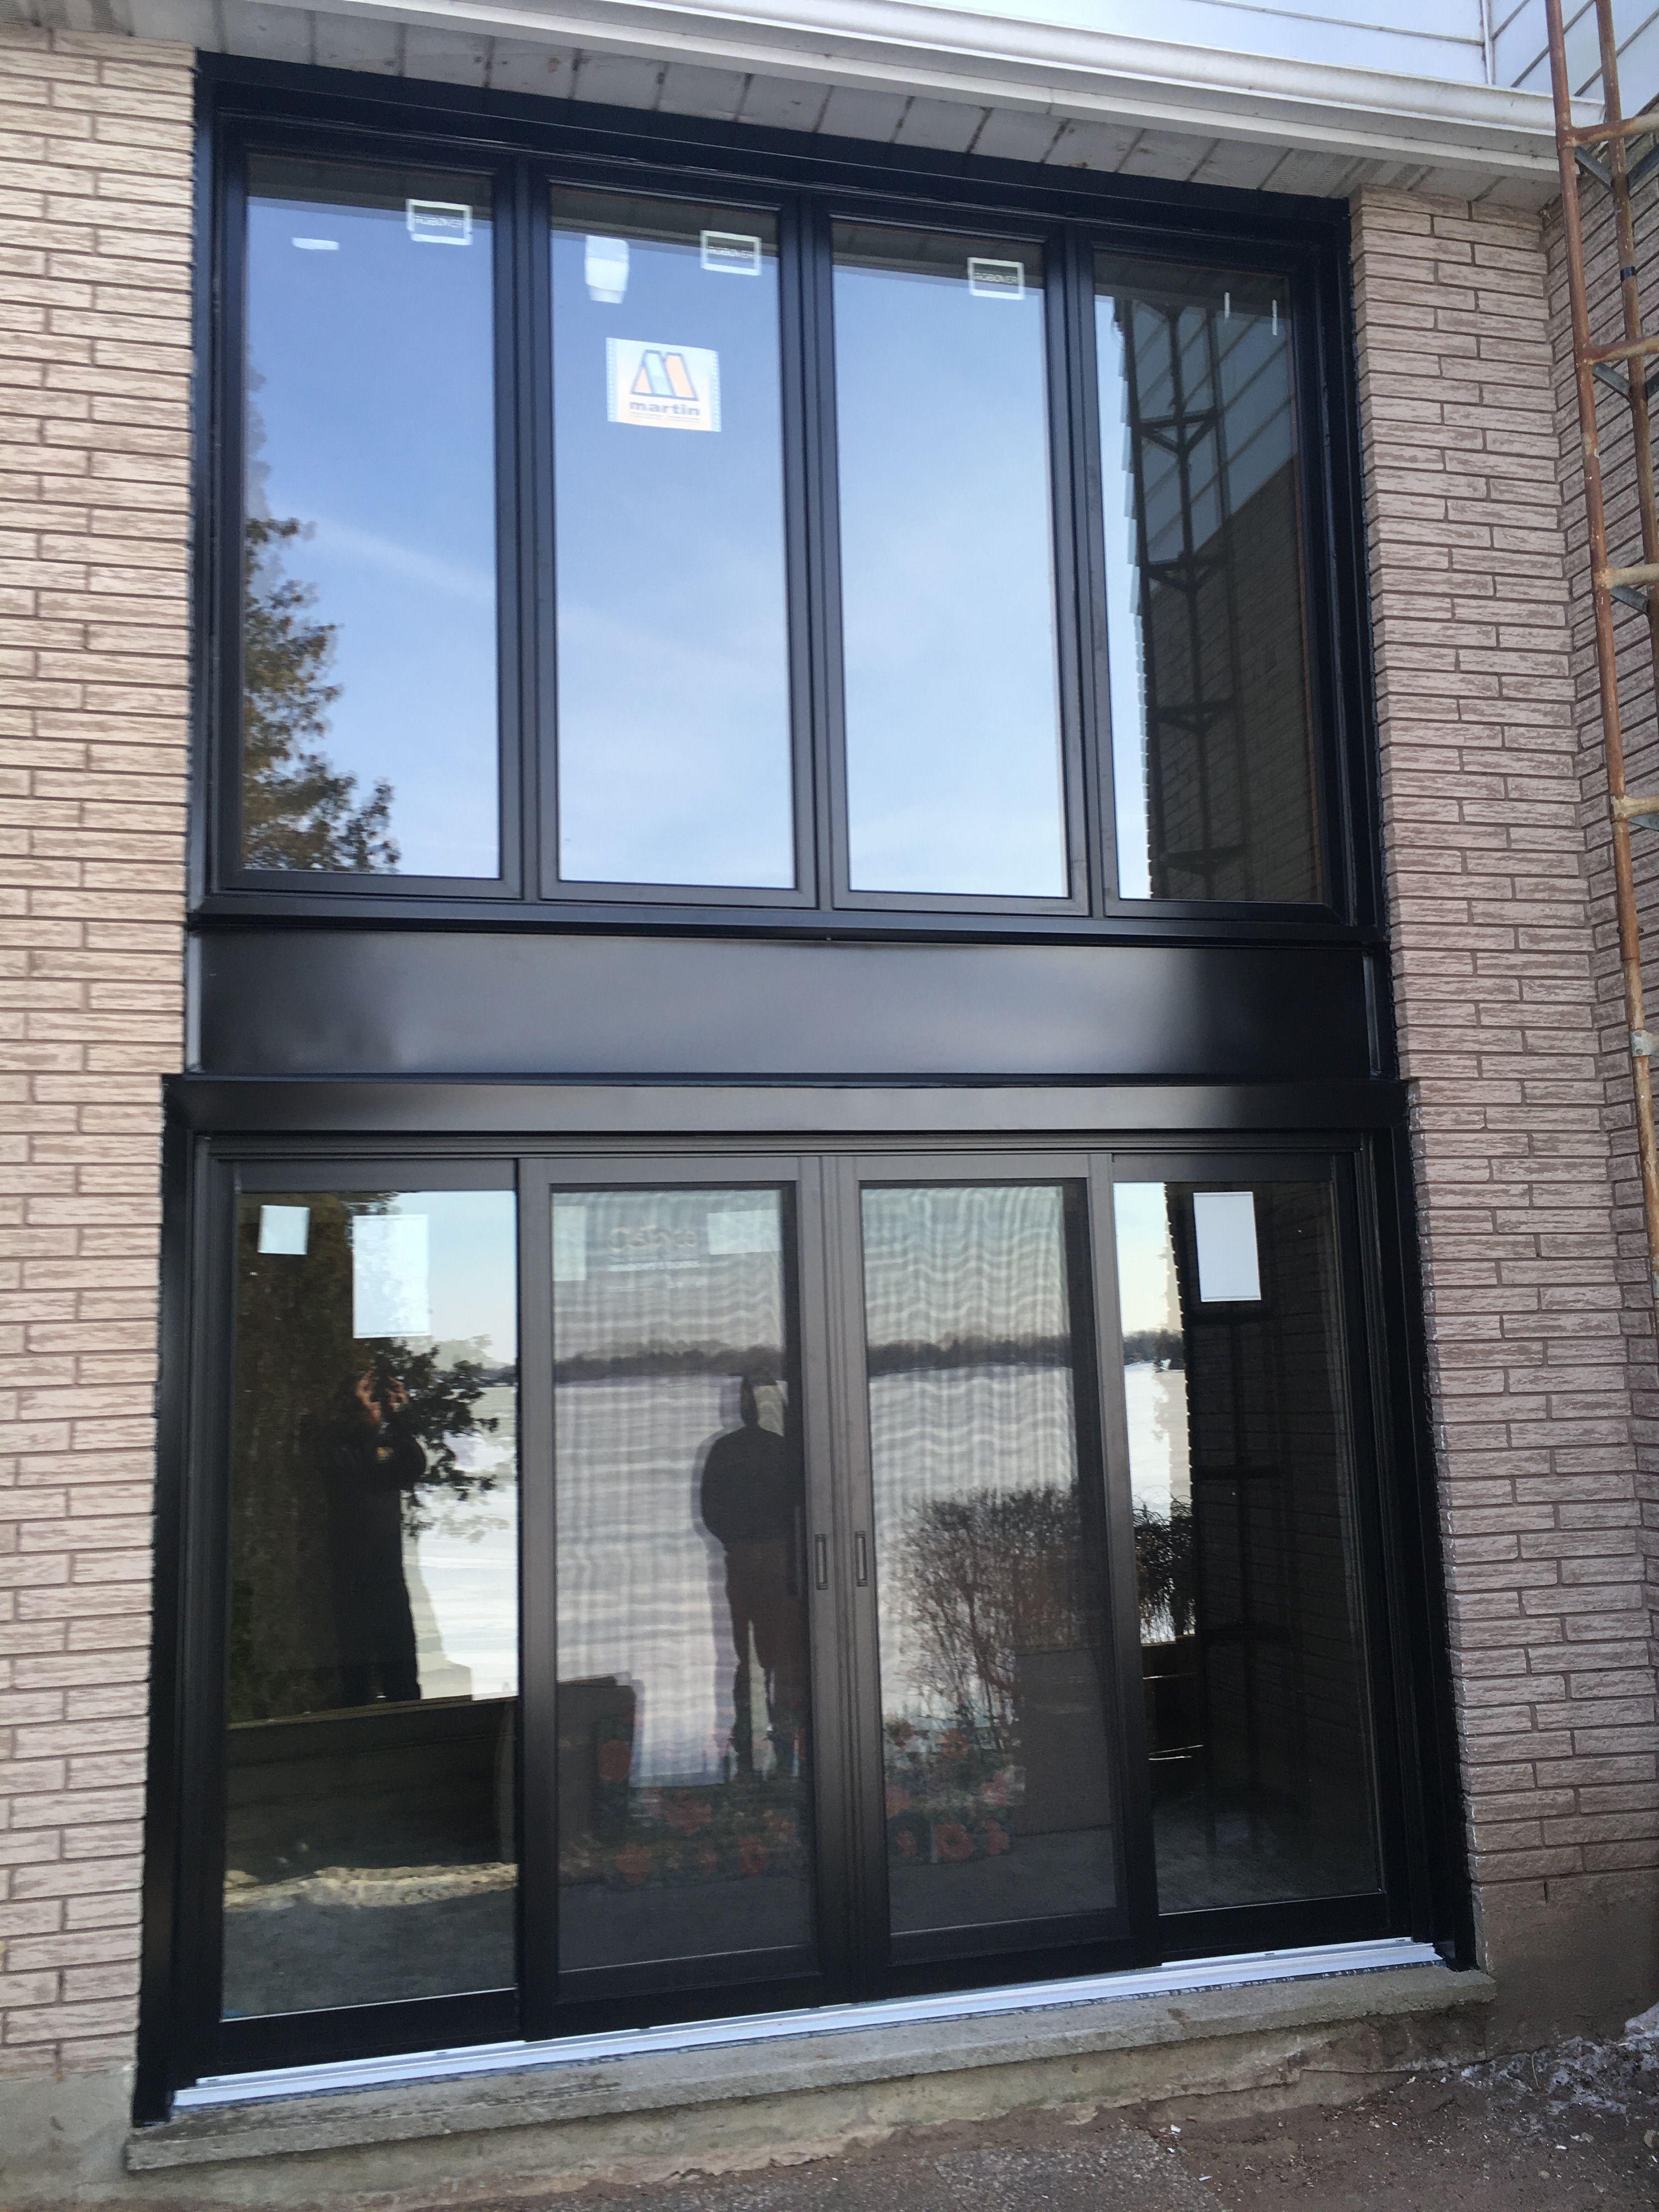 Martin Wood Cat Picture Window And Moose 4 Panel Patio Door